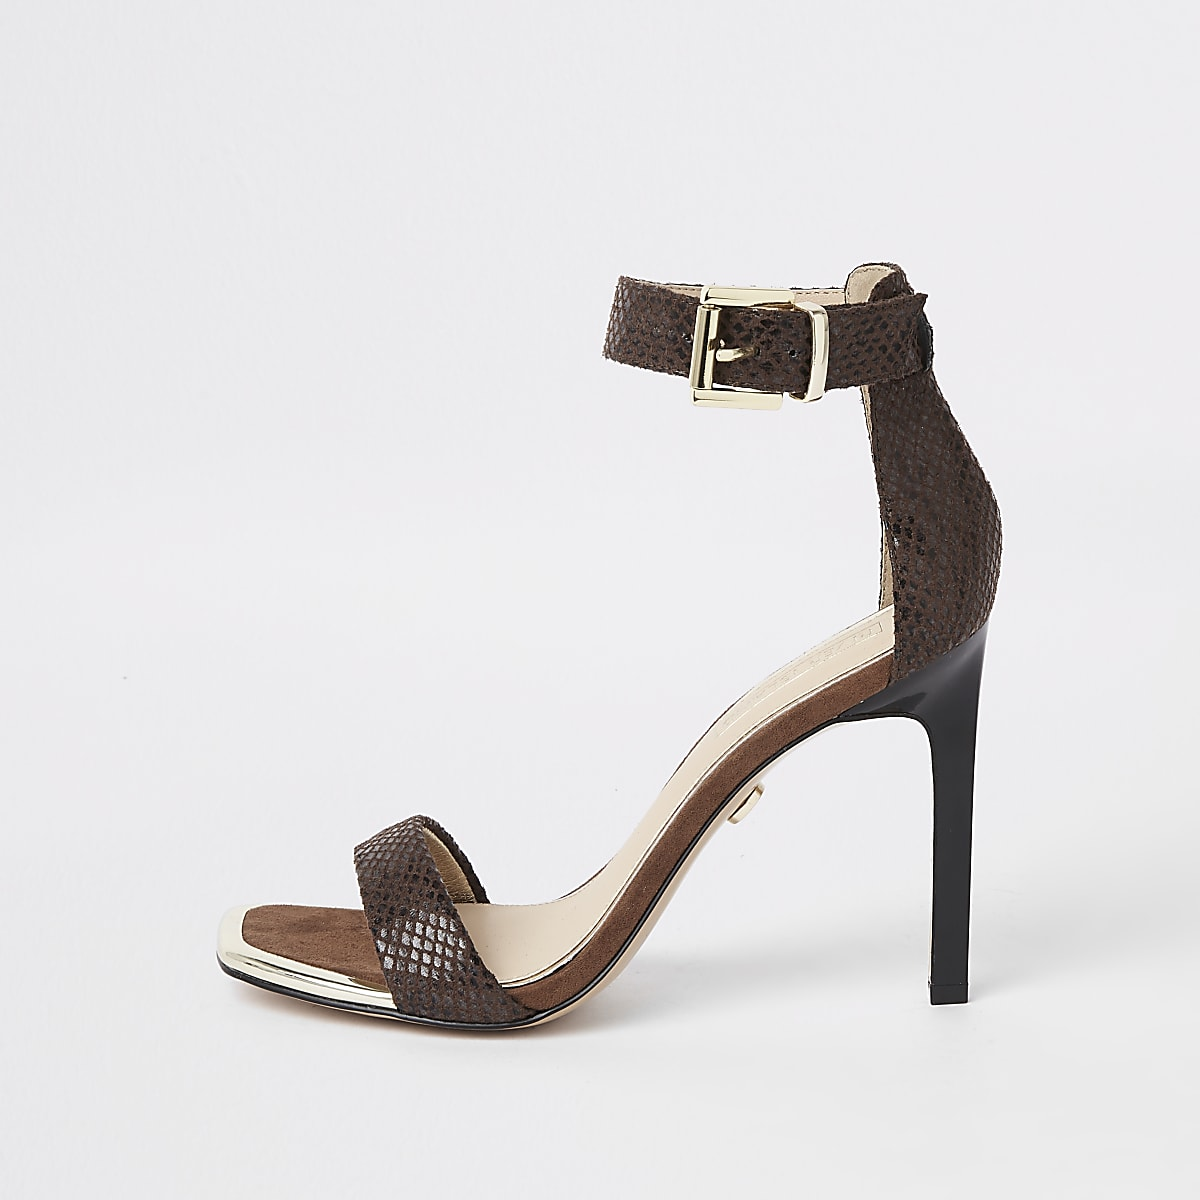 Bruine minimalistische sandalen met krokodillenreliëf